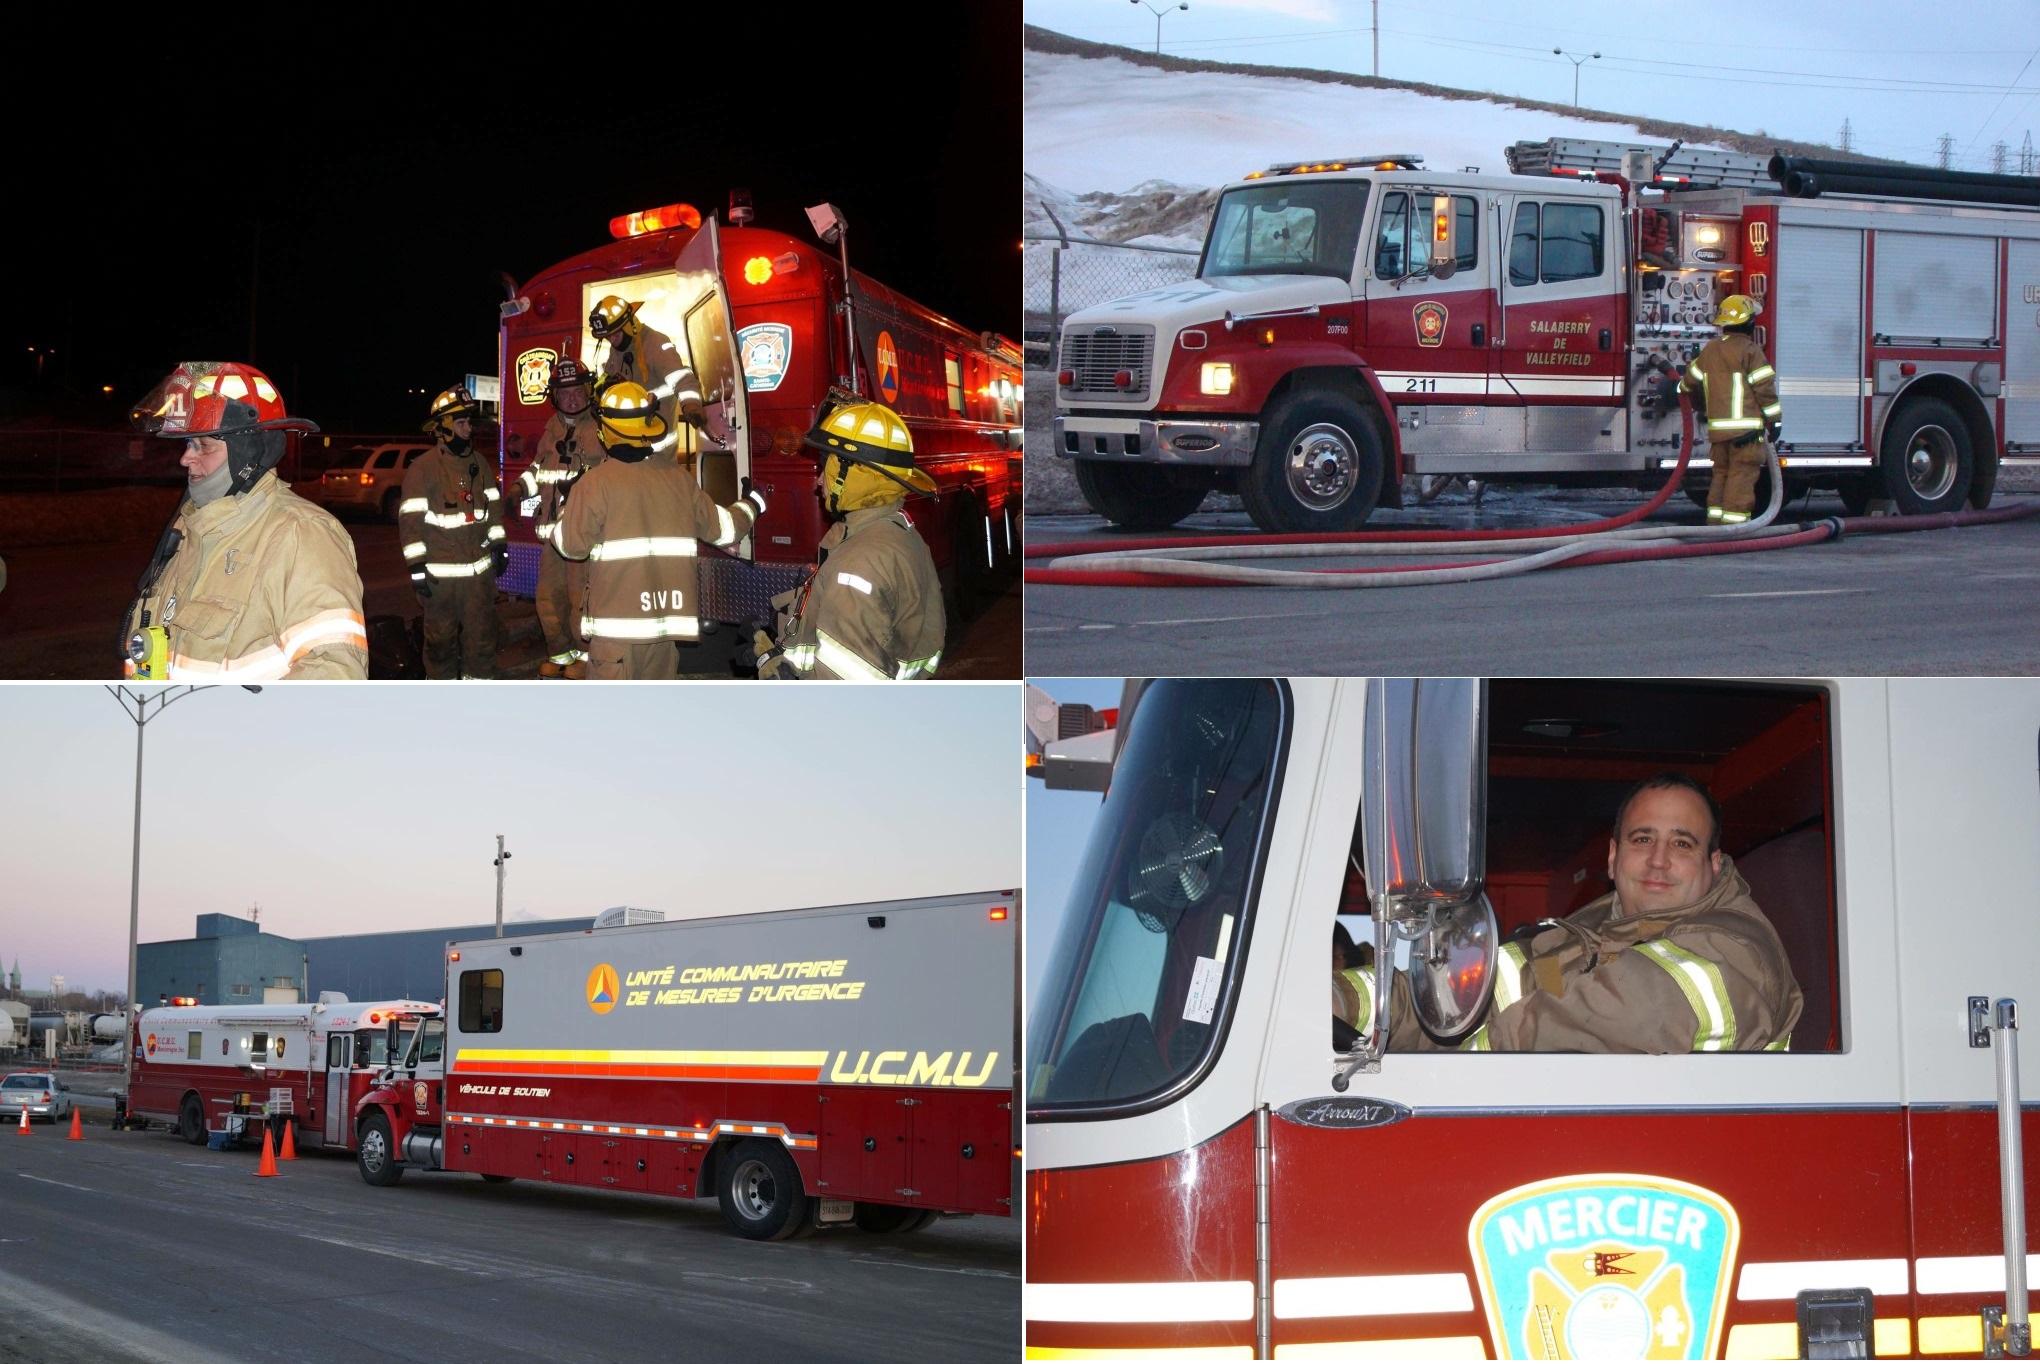 Incendie-entrepot-Kruger-Beauharnois-pompiers-camion-entraide-photo-courtoisie-publiee-par-INFOSuroit_com